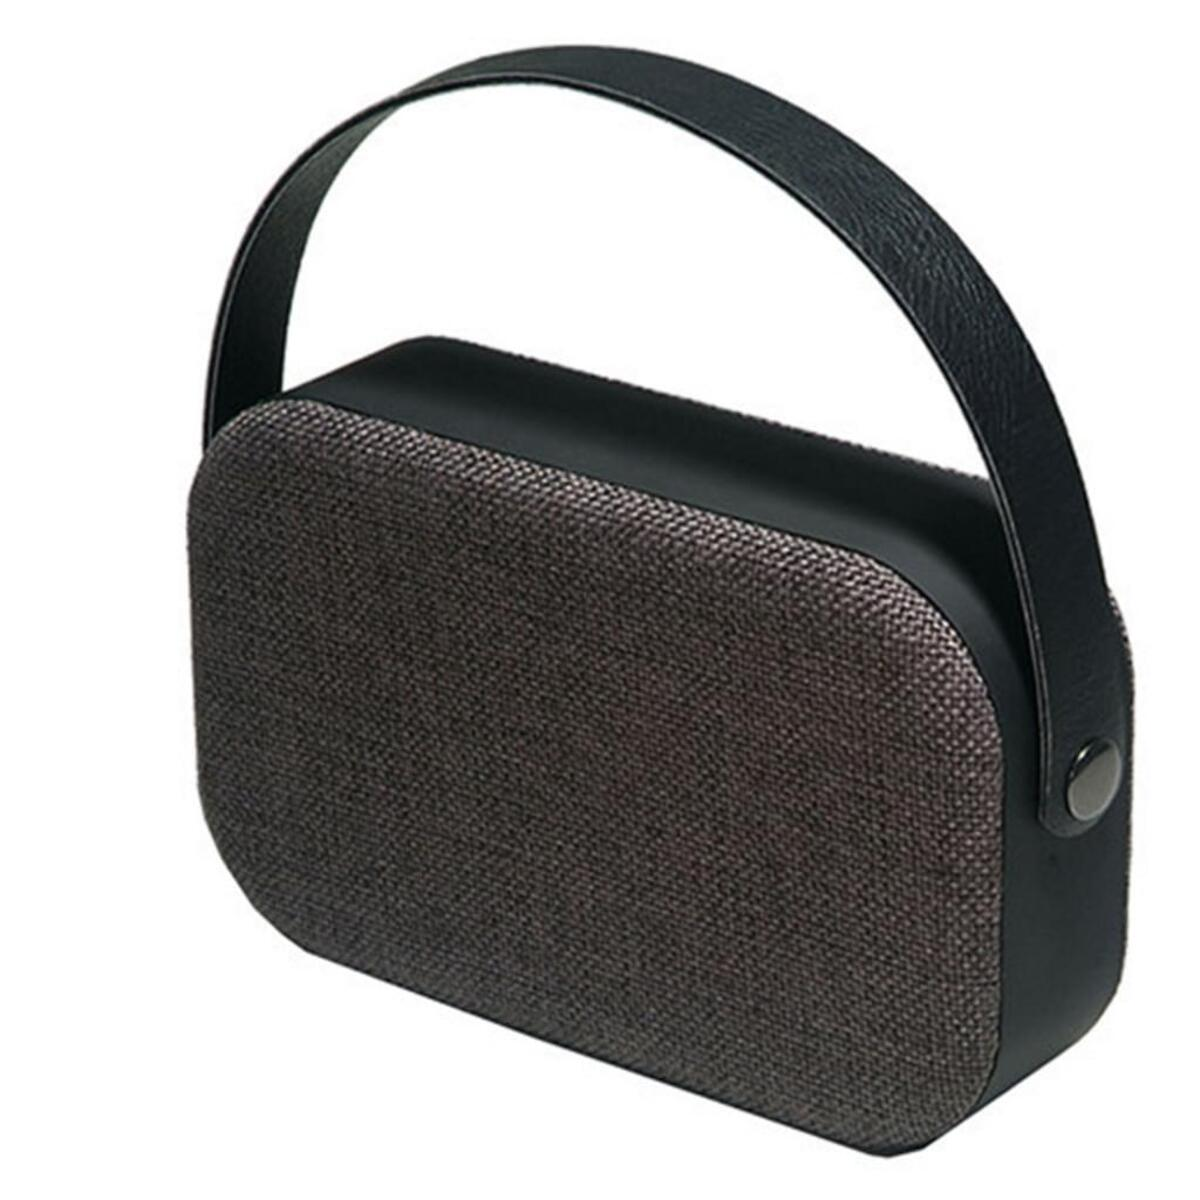 Bild 1 von Denver Bts-63C - Bluetooth®-Lautsprecher - Schwarz